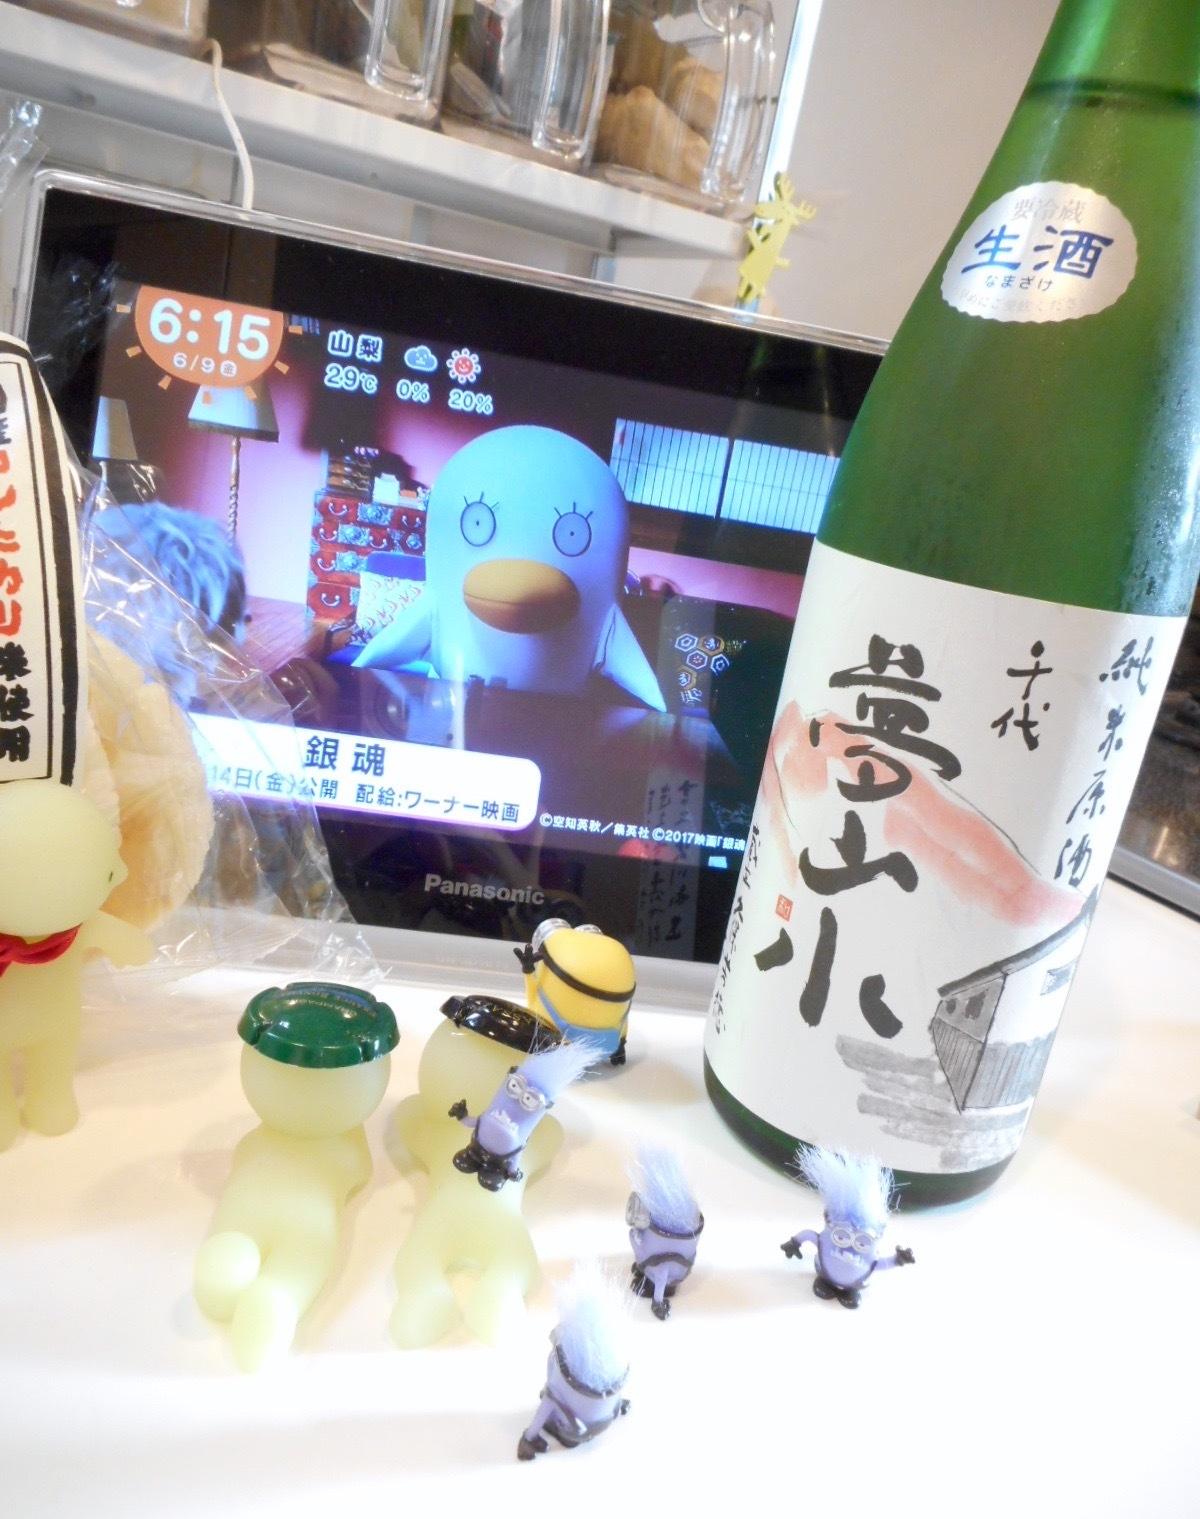 chiyo_kinuhikari60b_26by2.jpg